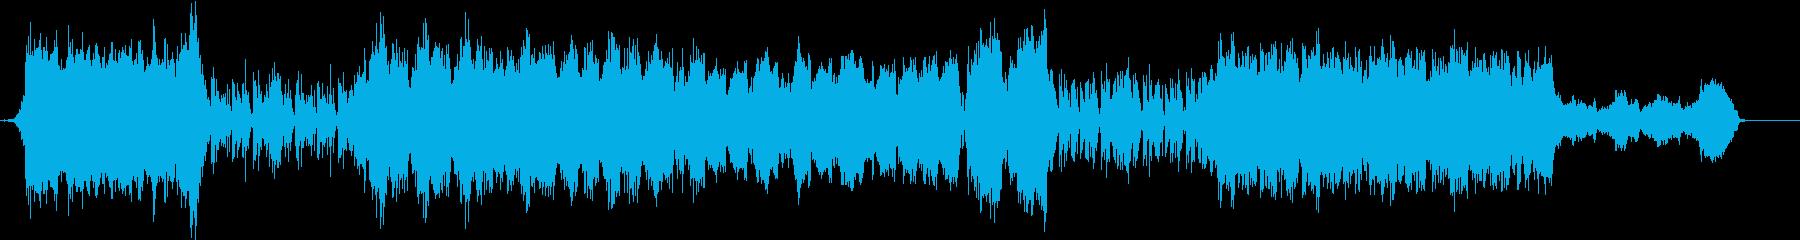 力強い曲の再生済みの波形